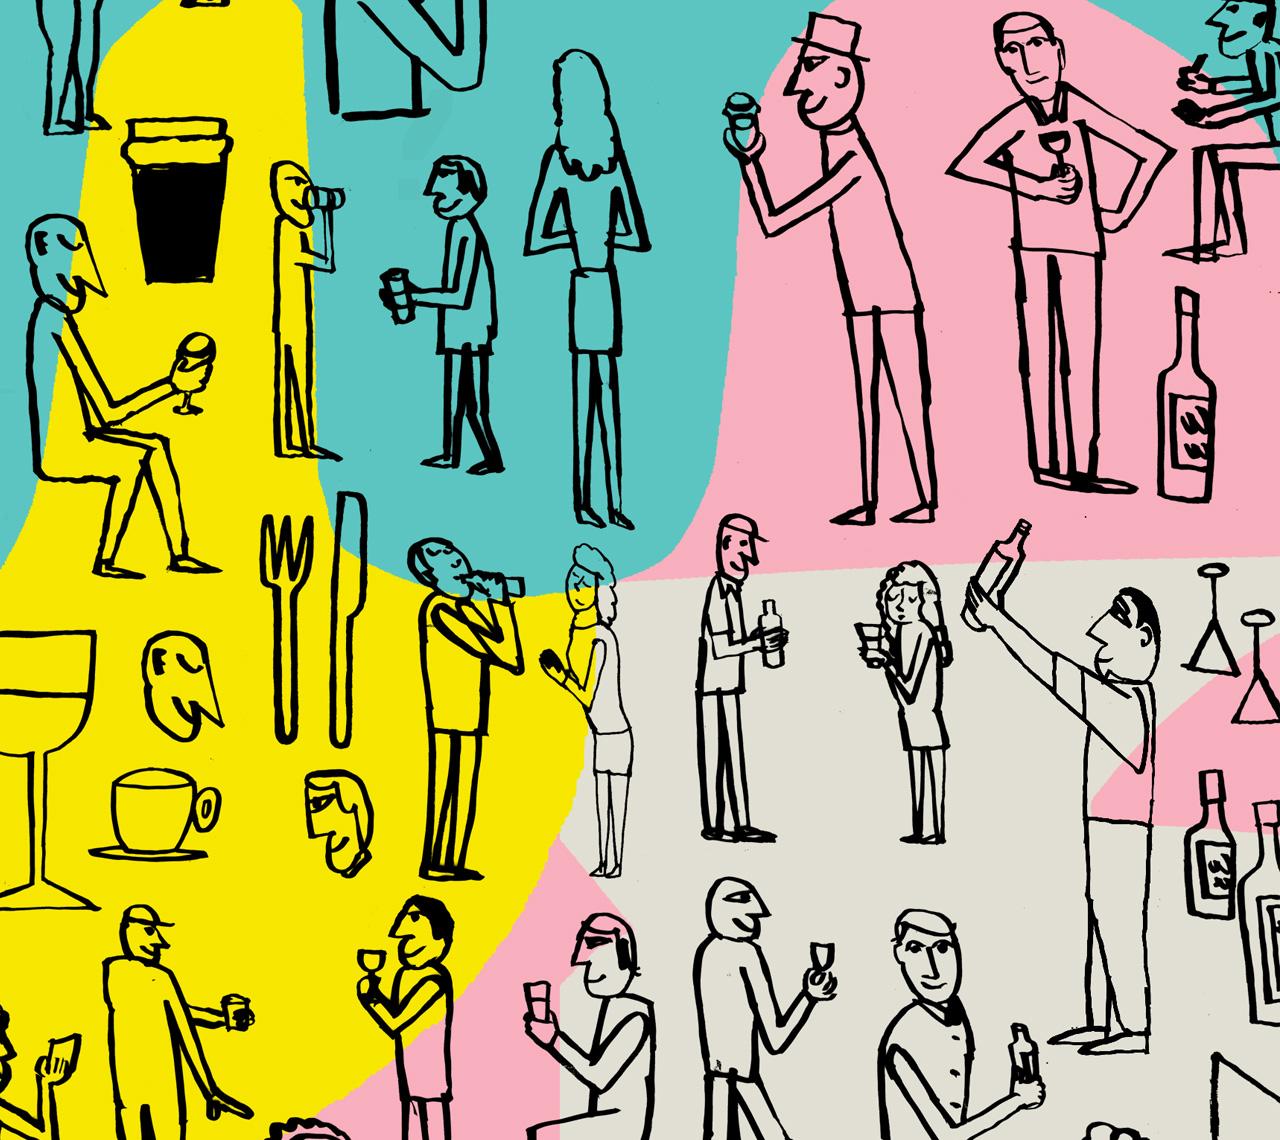 ncc-artisan-drinksmenu-001.jpg